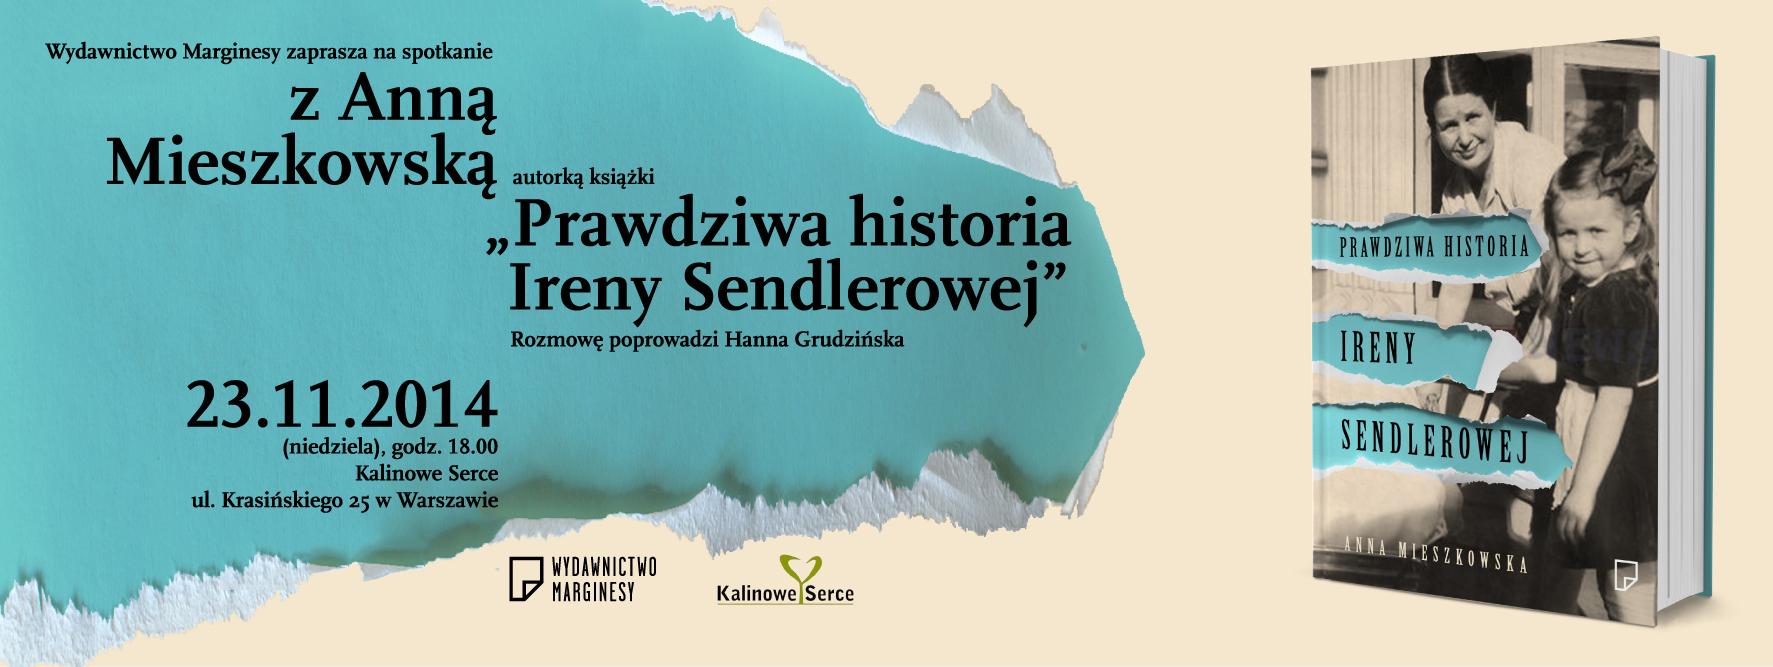 Spotkanie autorskie Prawdziwa Historia Ireny Sendlerowej